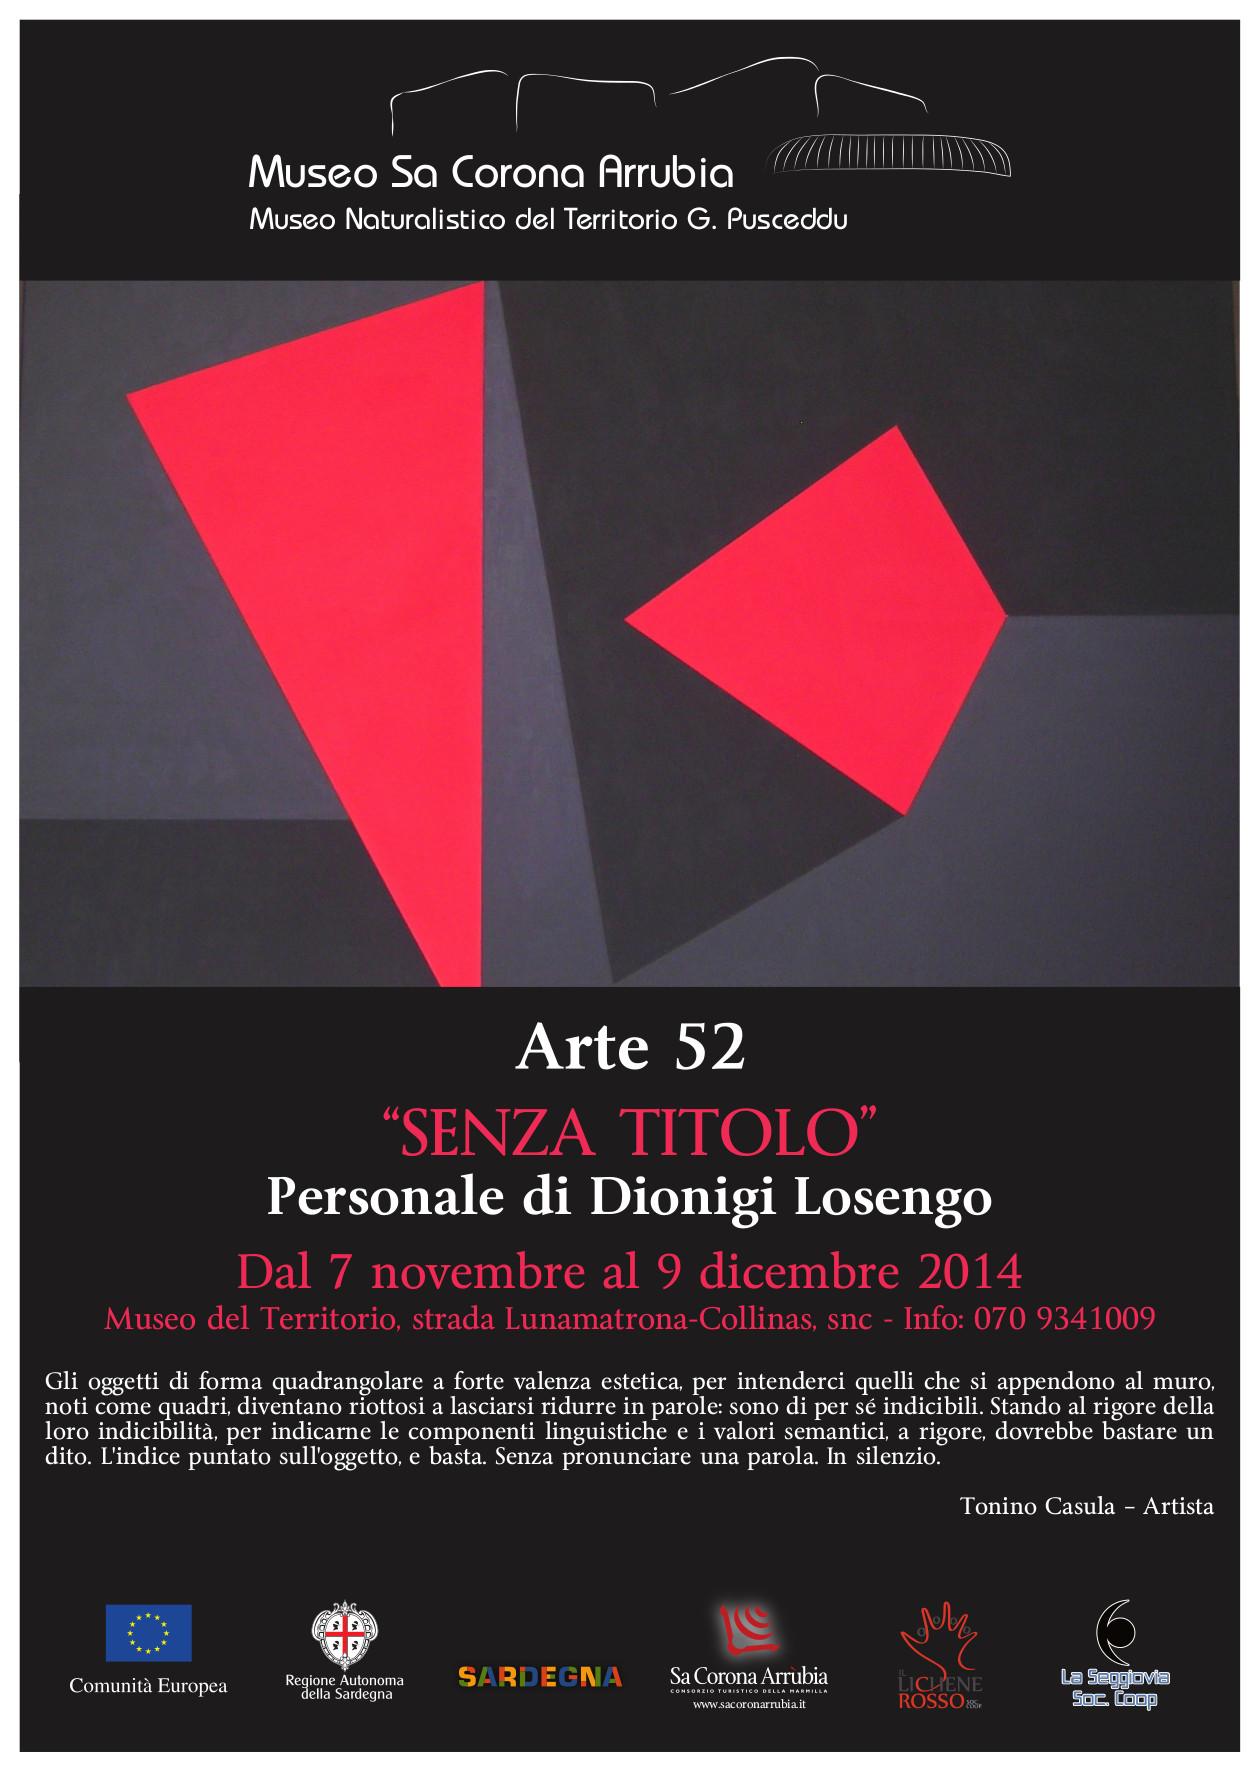 Personale di Dionigi Losengo